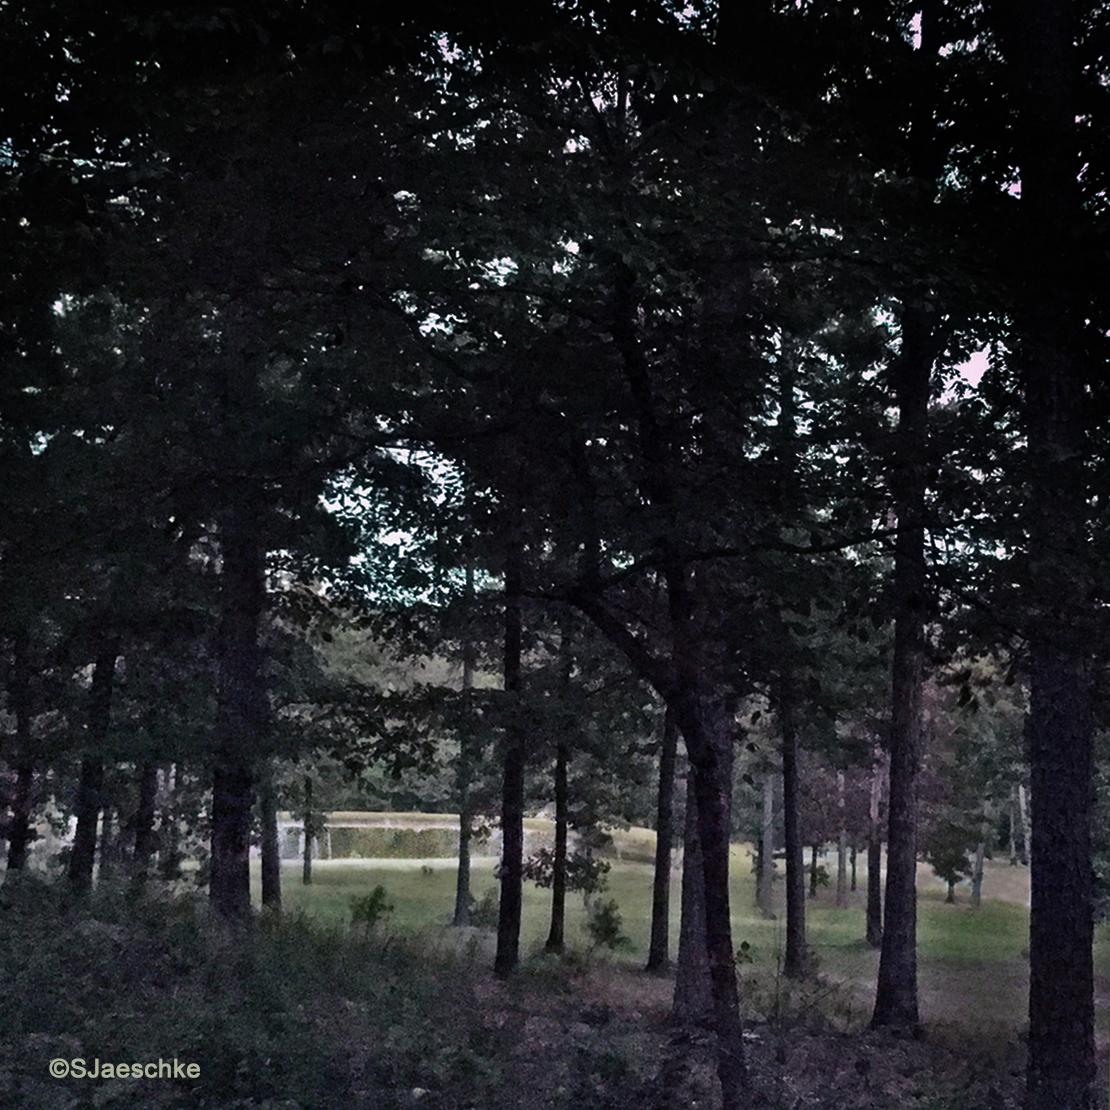 Post_2016-07-18_Image_Pond-at-dusk